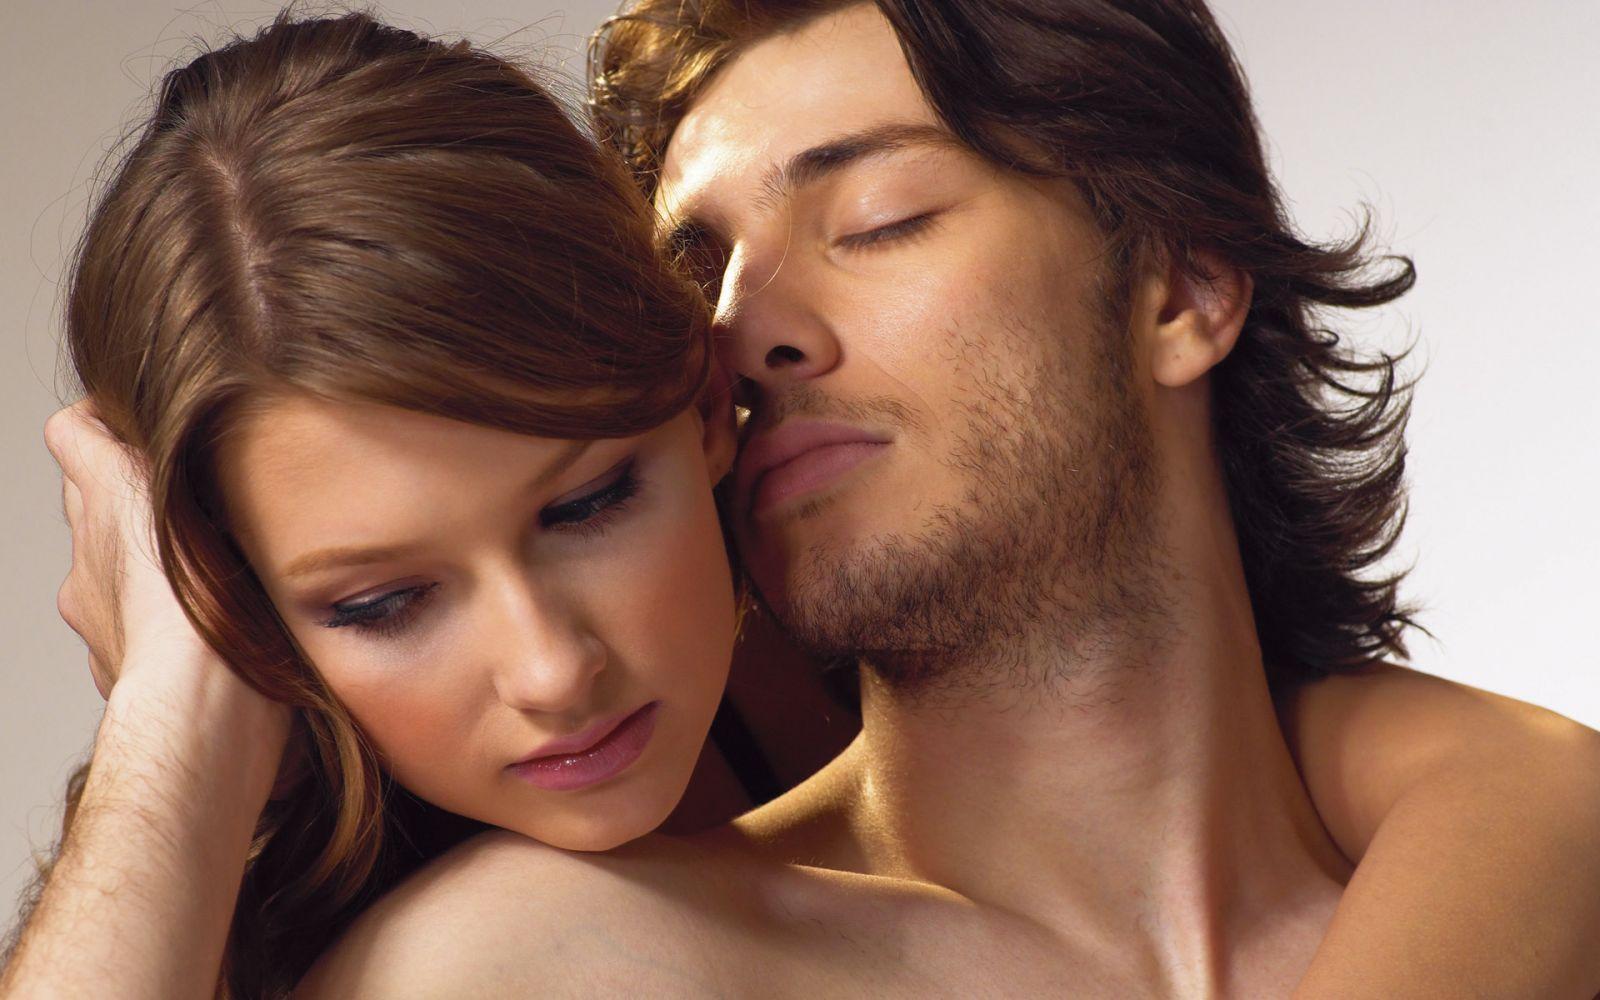 Как привлечь мужчину при помощи аромата: советы экстрасенса - фото №3